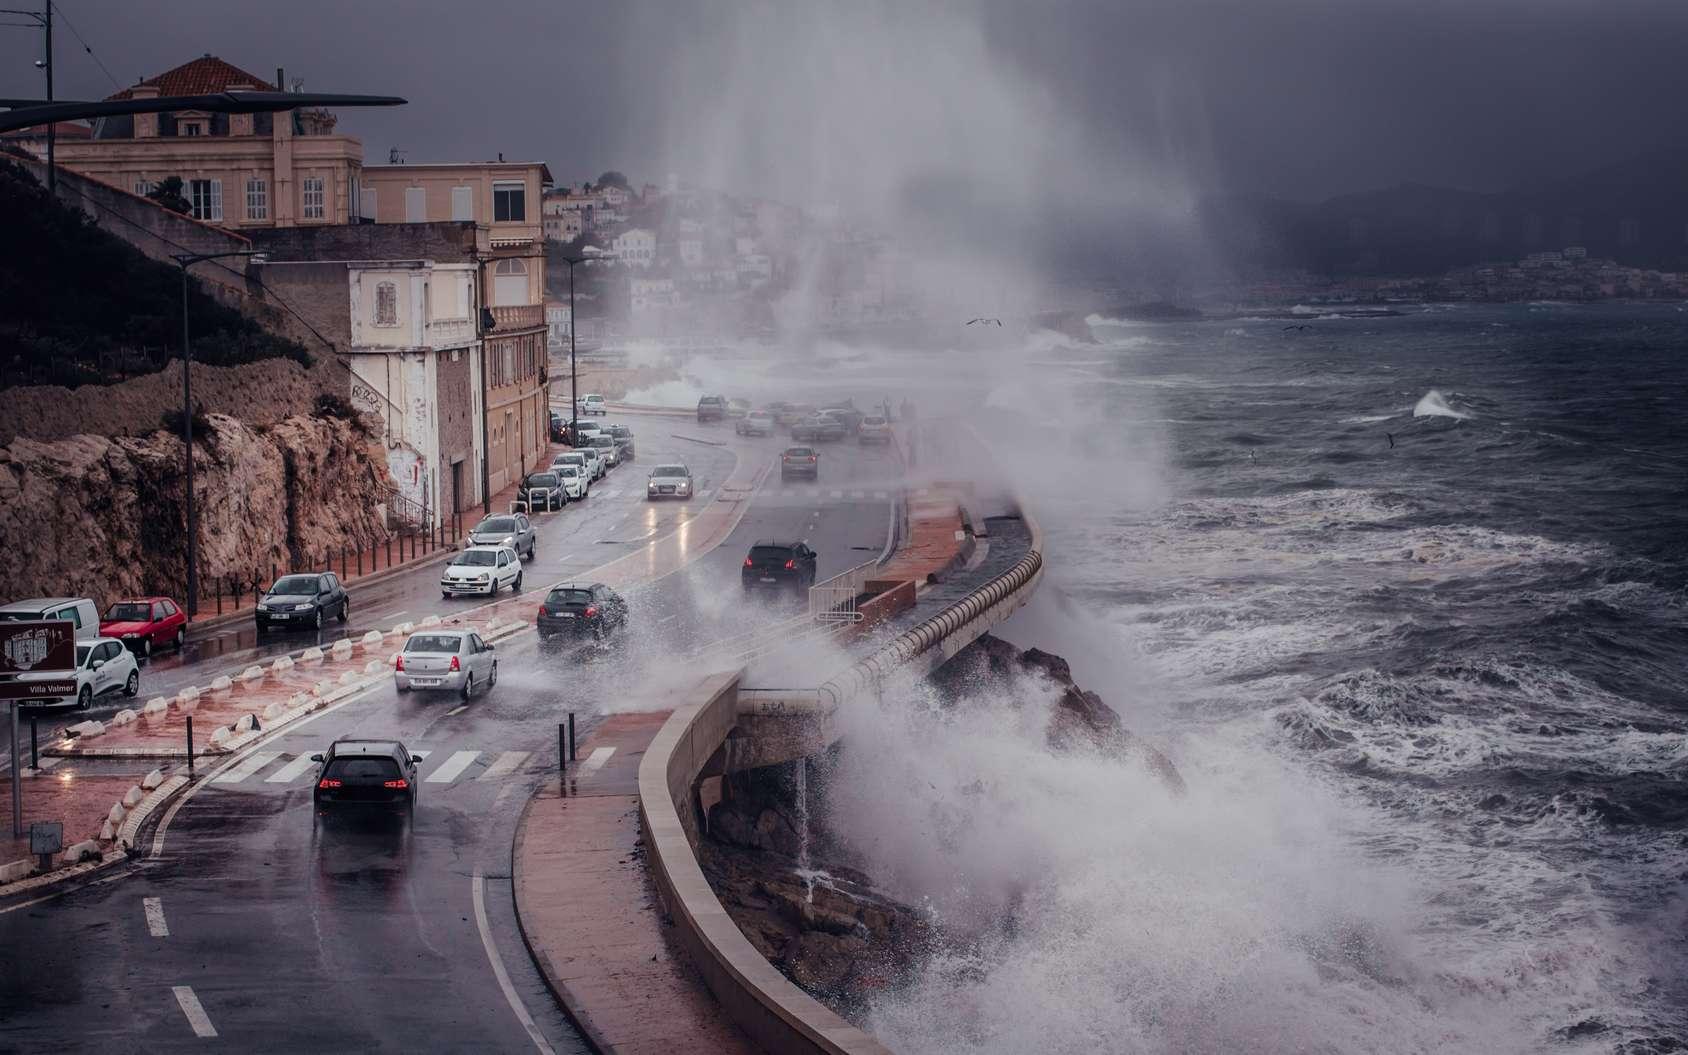 Une tempête génère toujours des vents violents qui amènent avec eux de grandes quantités de précipitations et causent parfois d'importants dégâts. © Studio M, fotolia